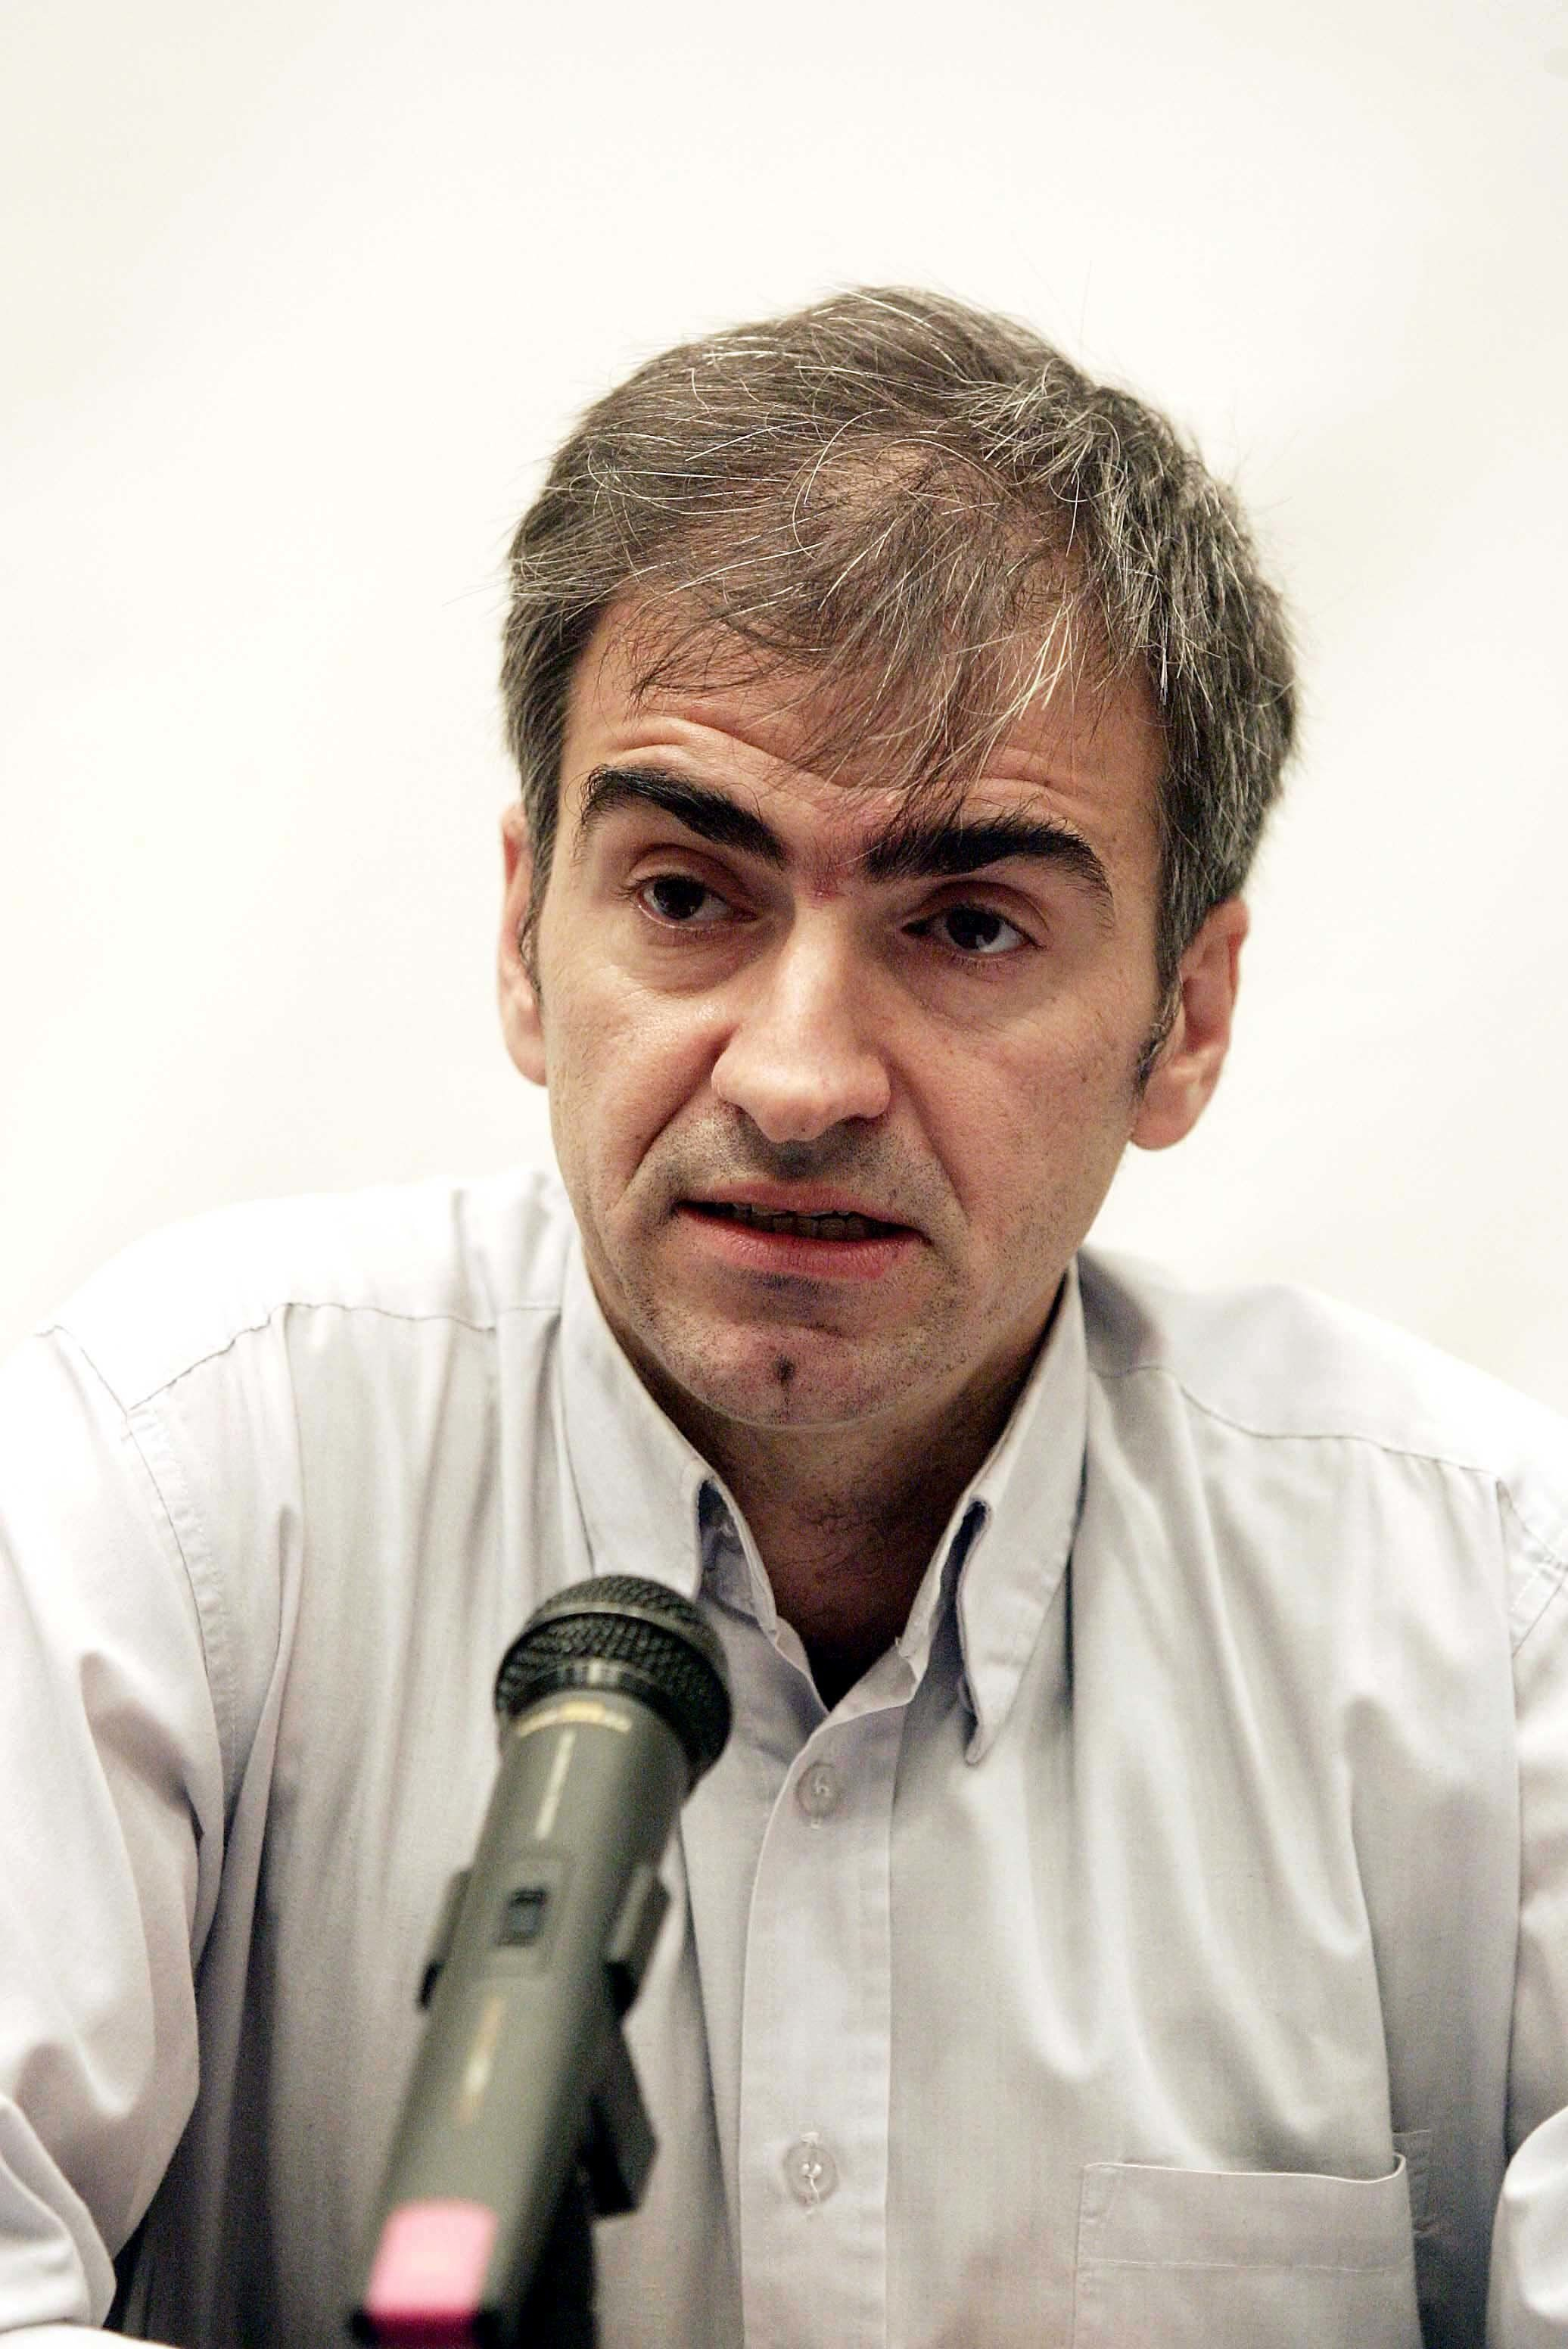 Νίκος Μαραντζίδης: Οι μαθητικές παρελάσεις σήμερα είναι χρήσιμες όσο ένας διαγωνισμός